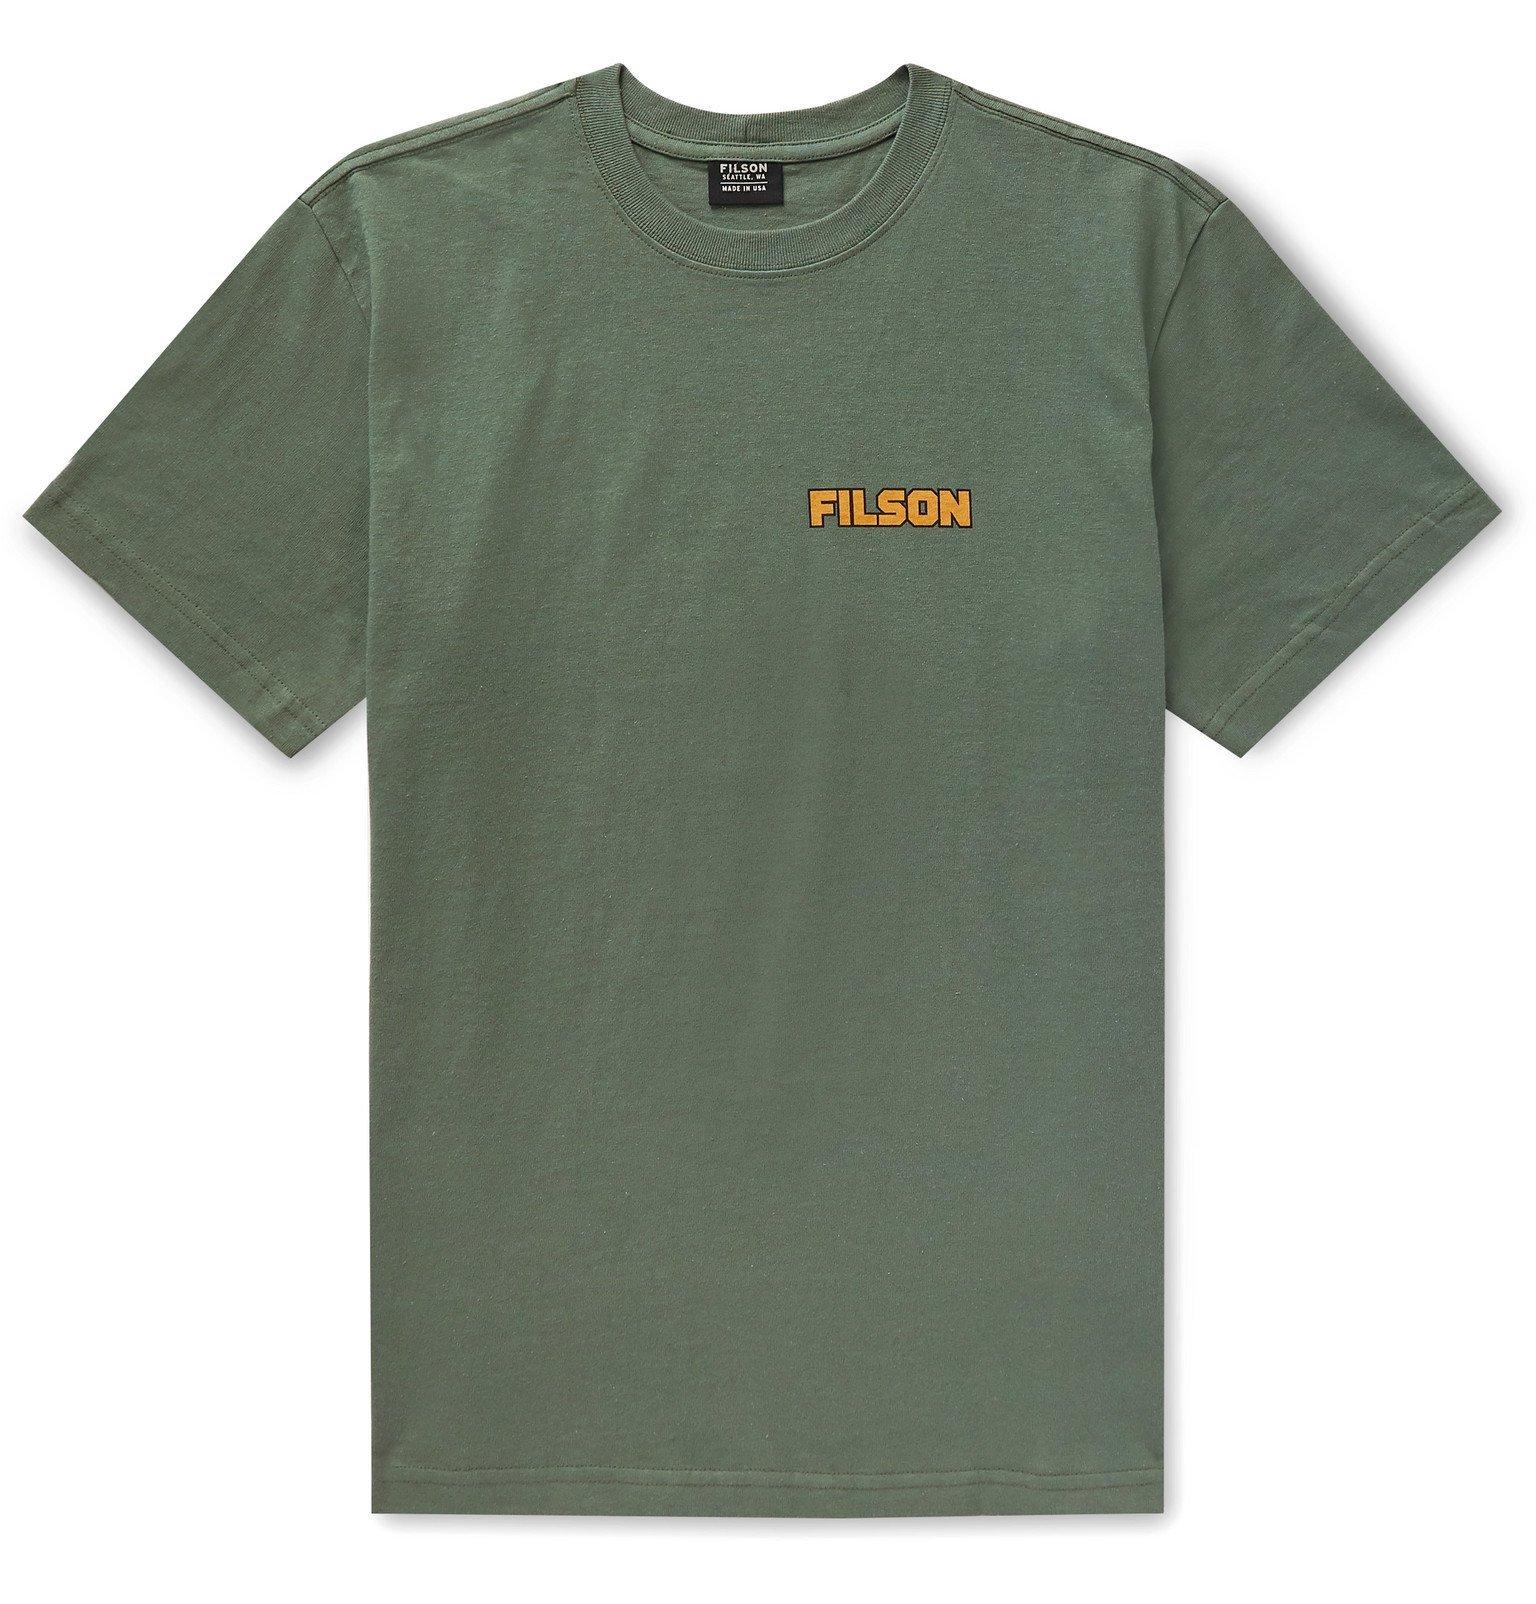 Filson - Outfitter Logo-Print Cotton-Jersey T-Shirt - Green